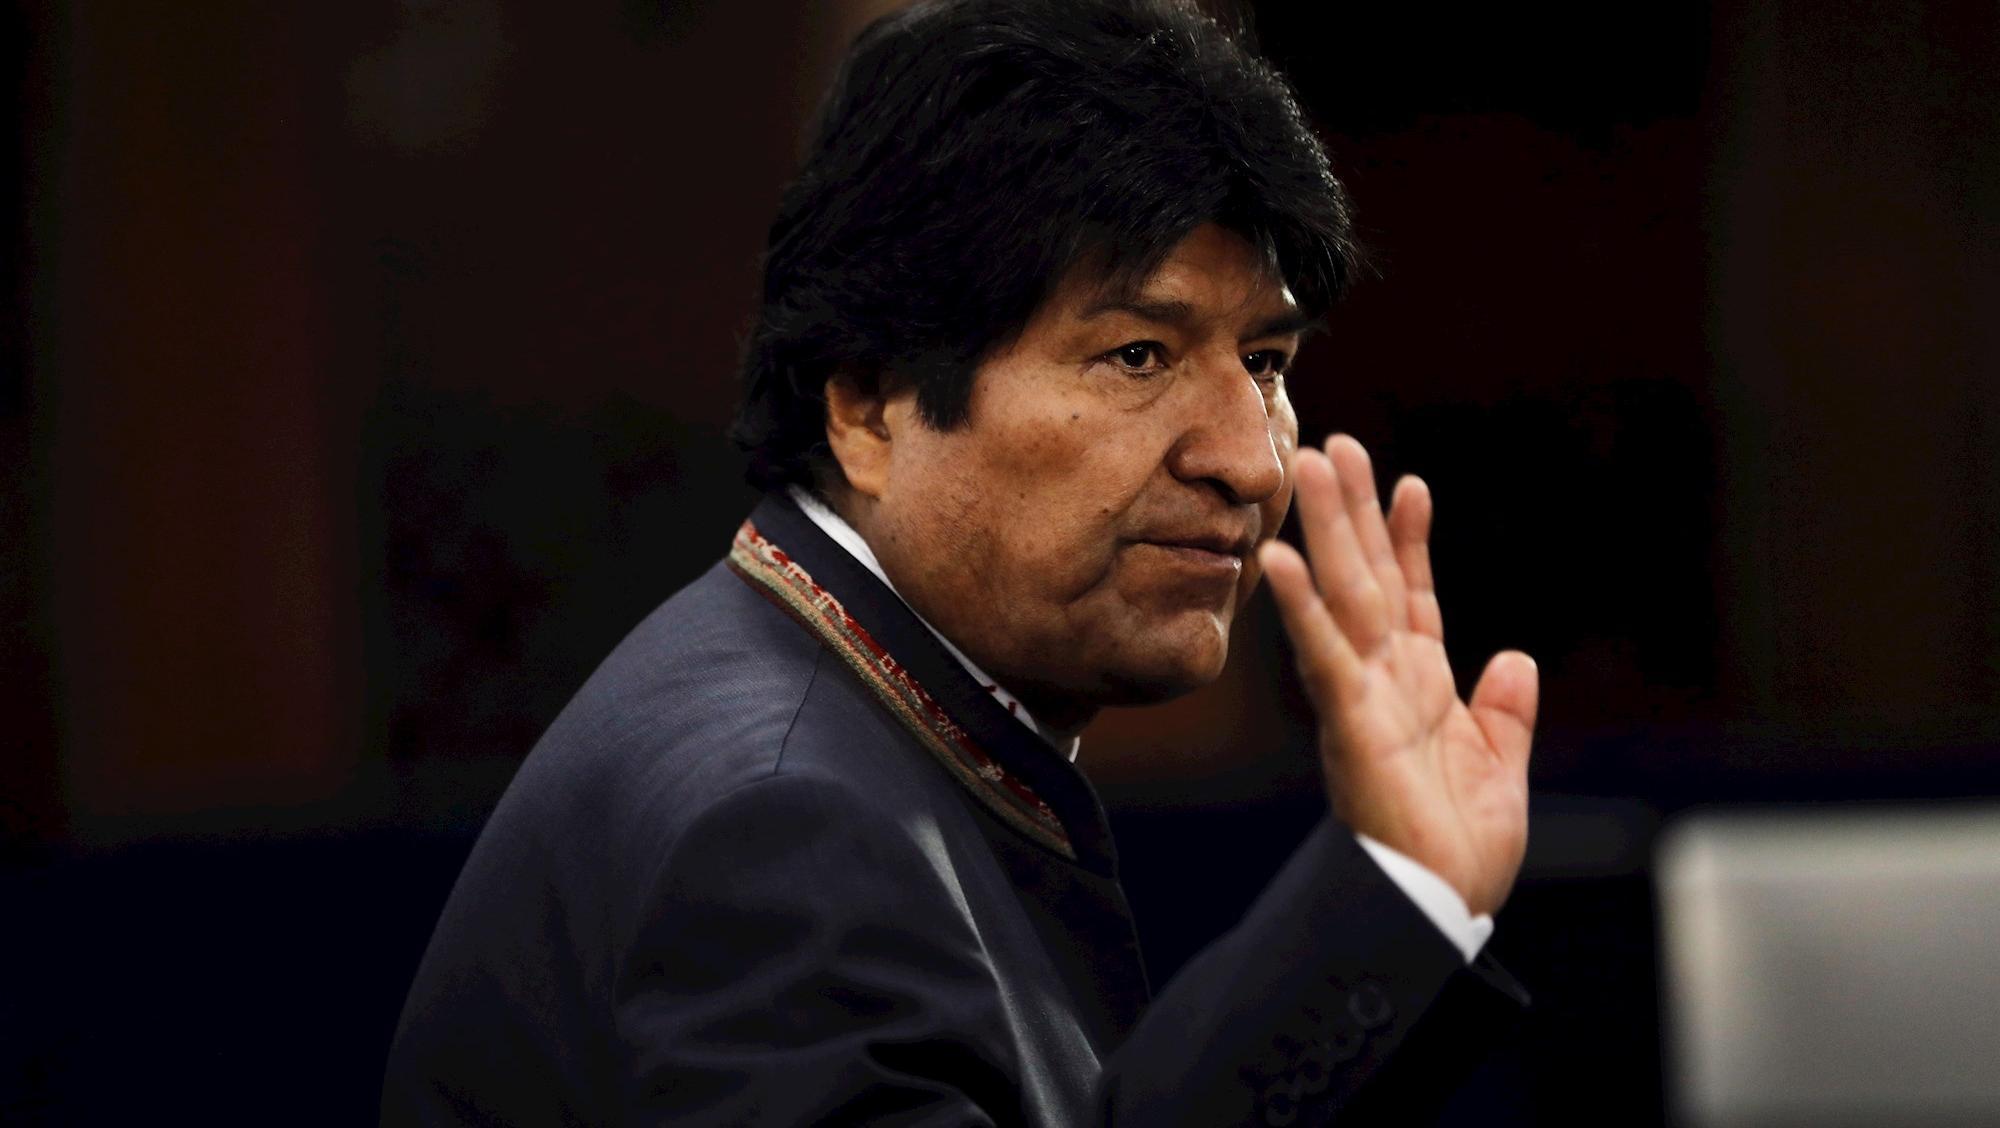 La situación en Bolivia dividió opiniones en la coalición Juntos por el Cambio.